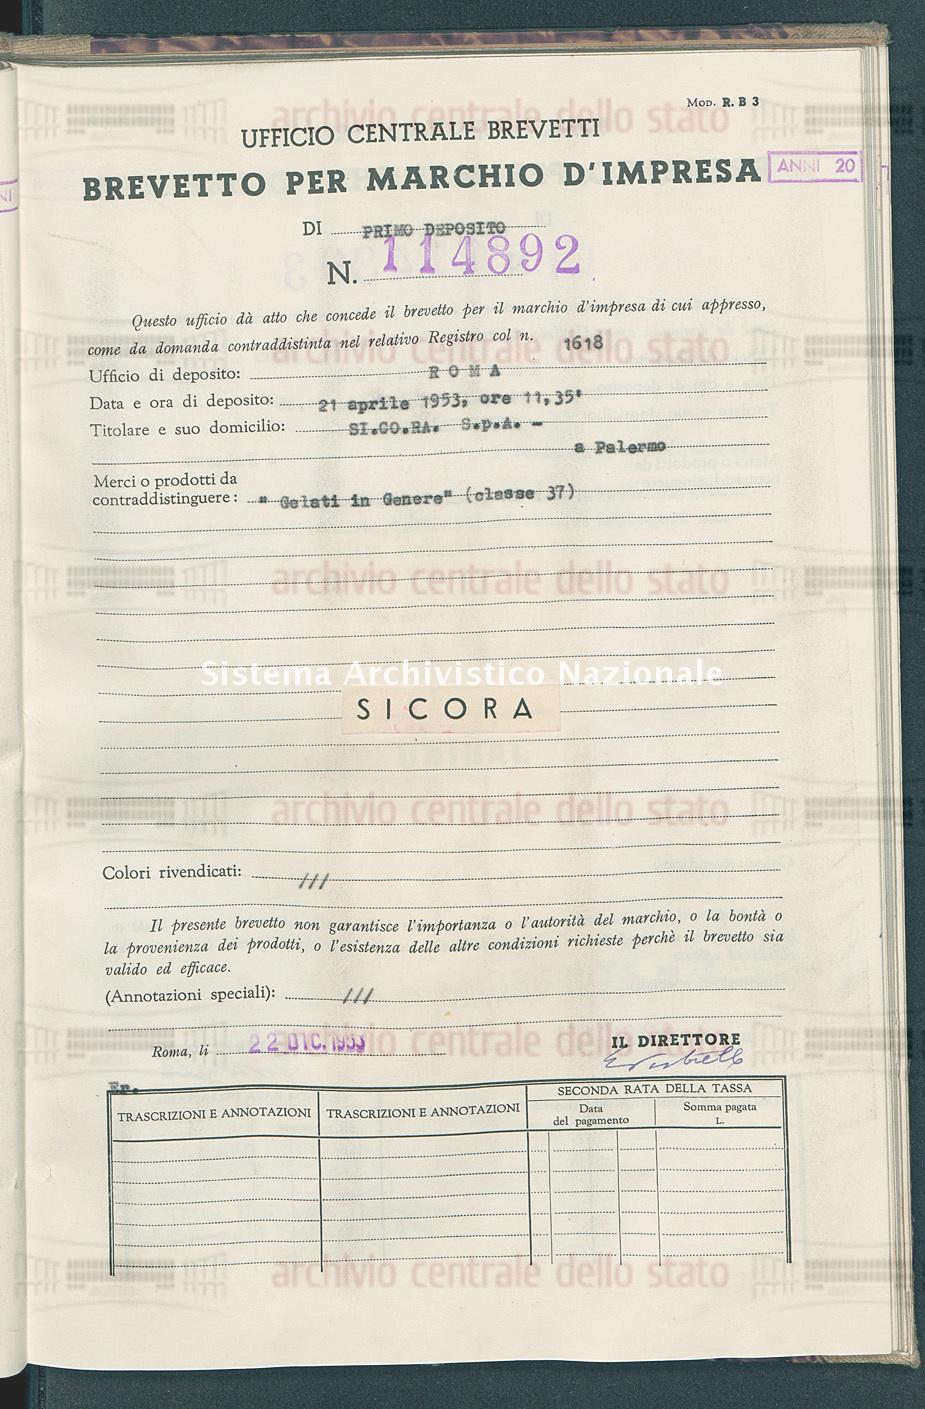 'Gelati in genere' Si.Co.Ra. S.P.A. (22/12/1953)